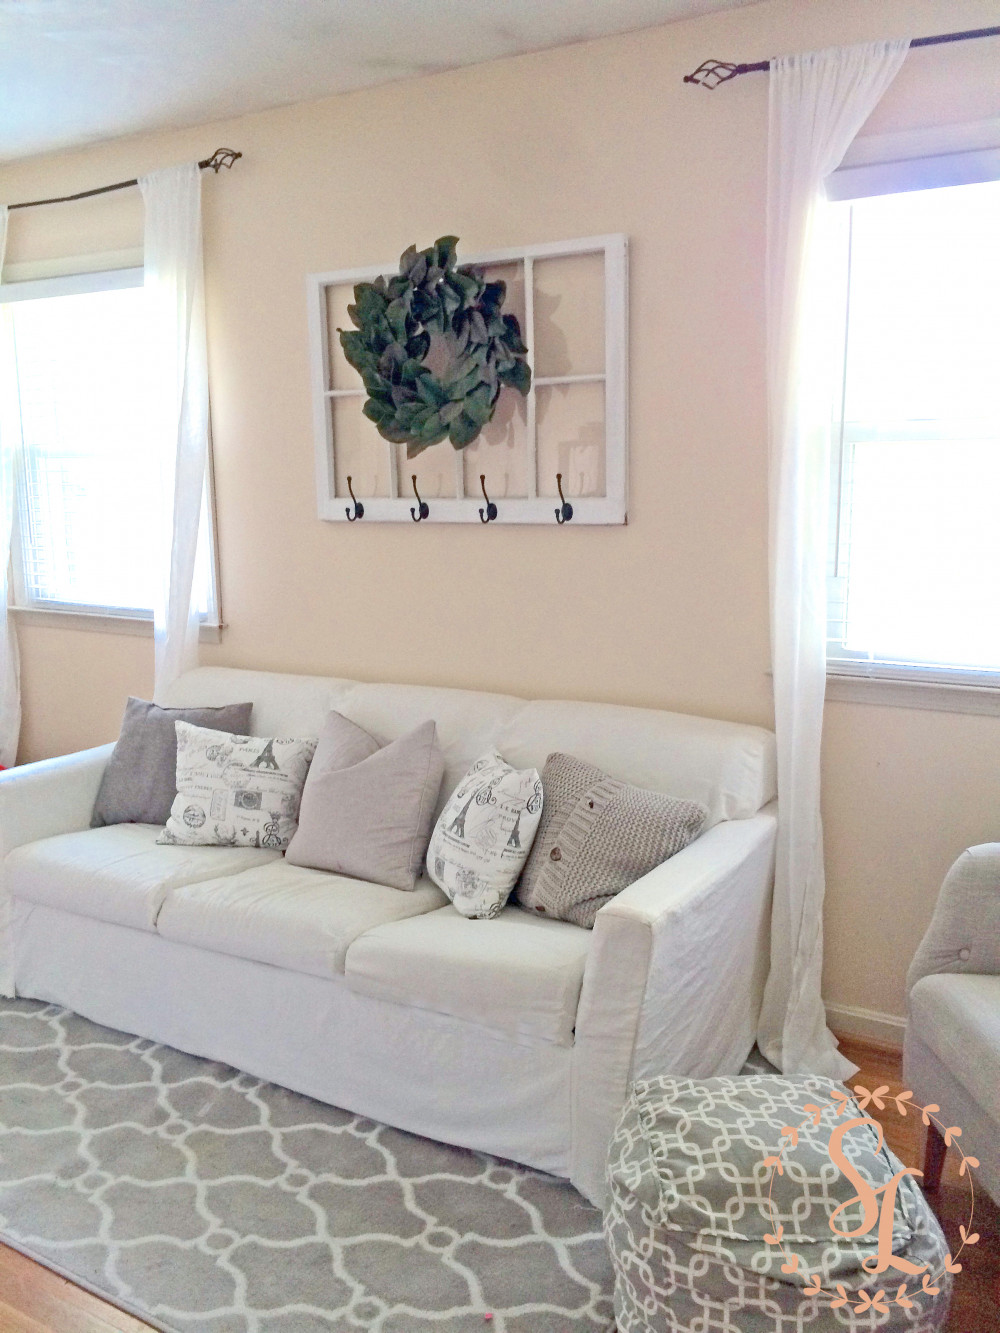 Hình 5. Khung cửa sổ trang trí mộc mạc đơn giản như một bức tranh đa năng dễ dàng thực hiện.